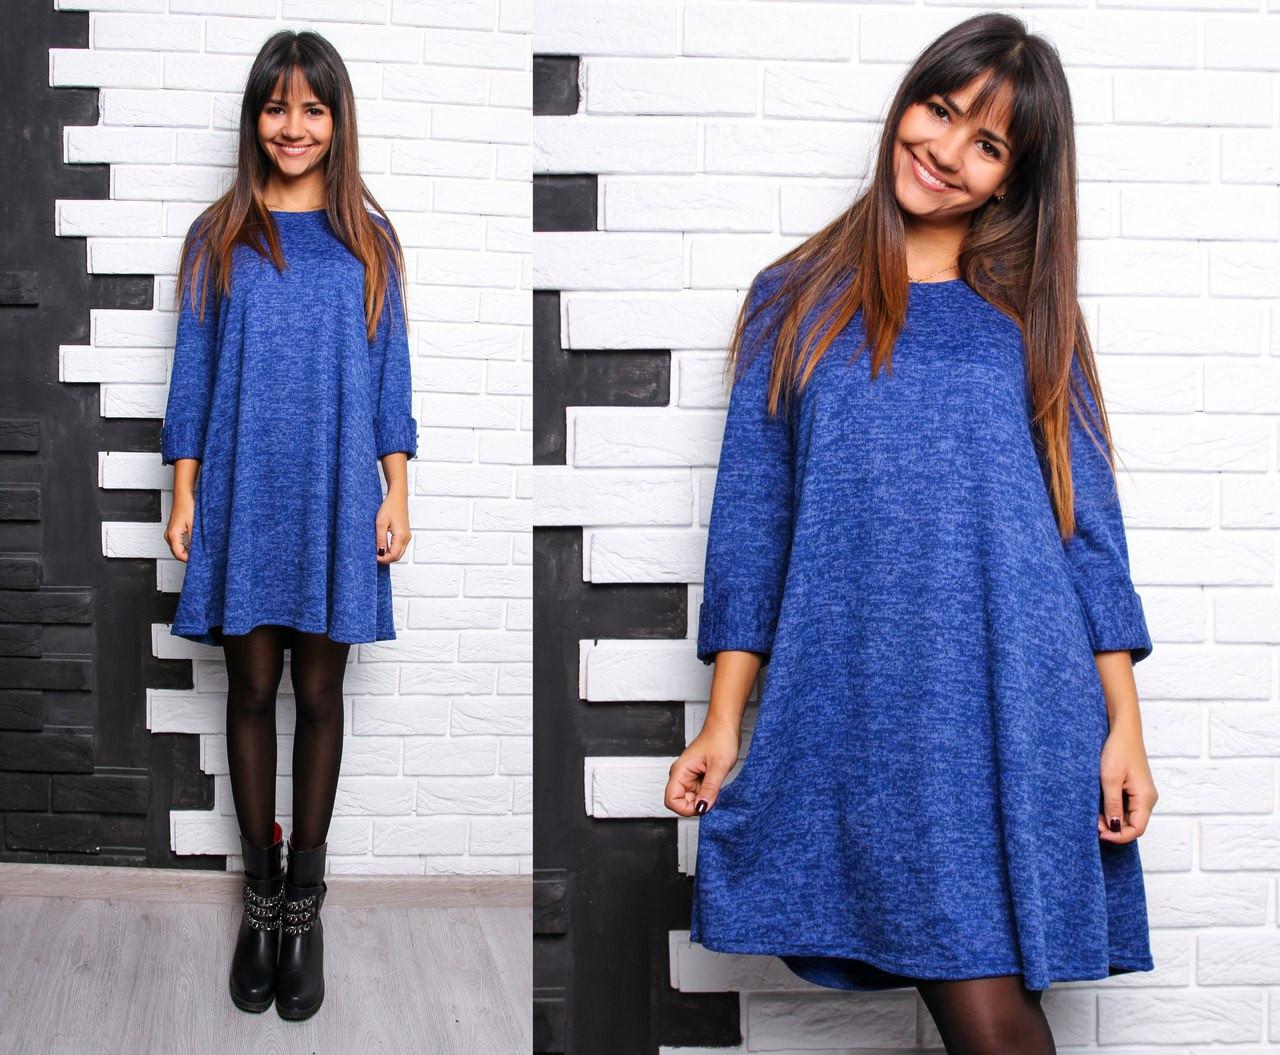 Женское короткое ангоровое платье расклешенное к низу, свободное, рукава три четверти. Синее. 40-42, 44-46